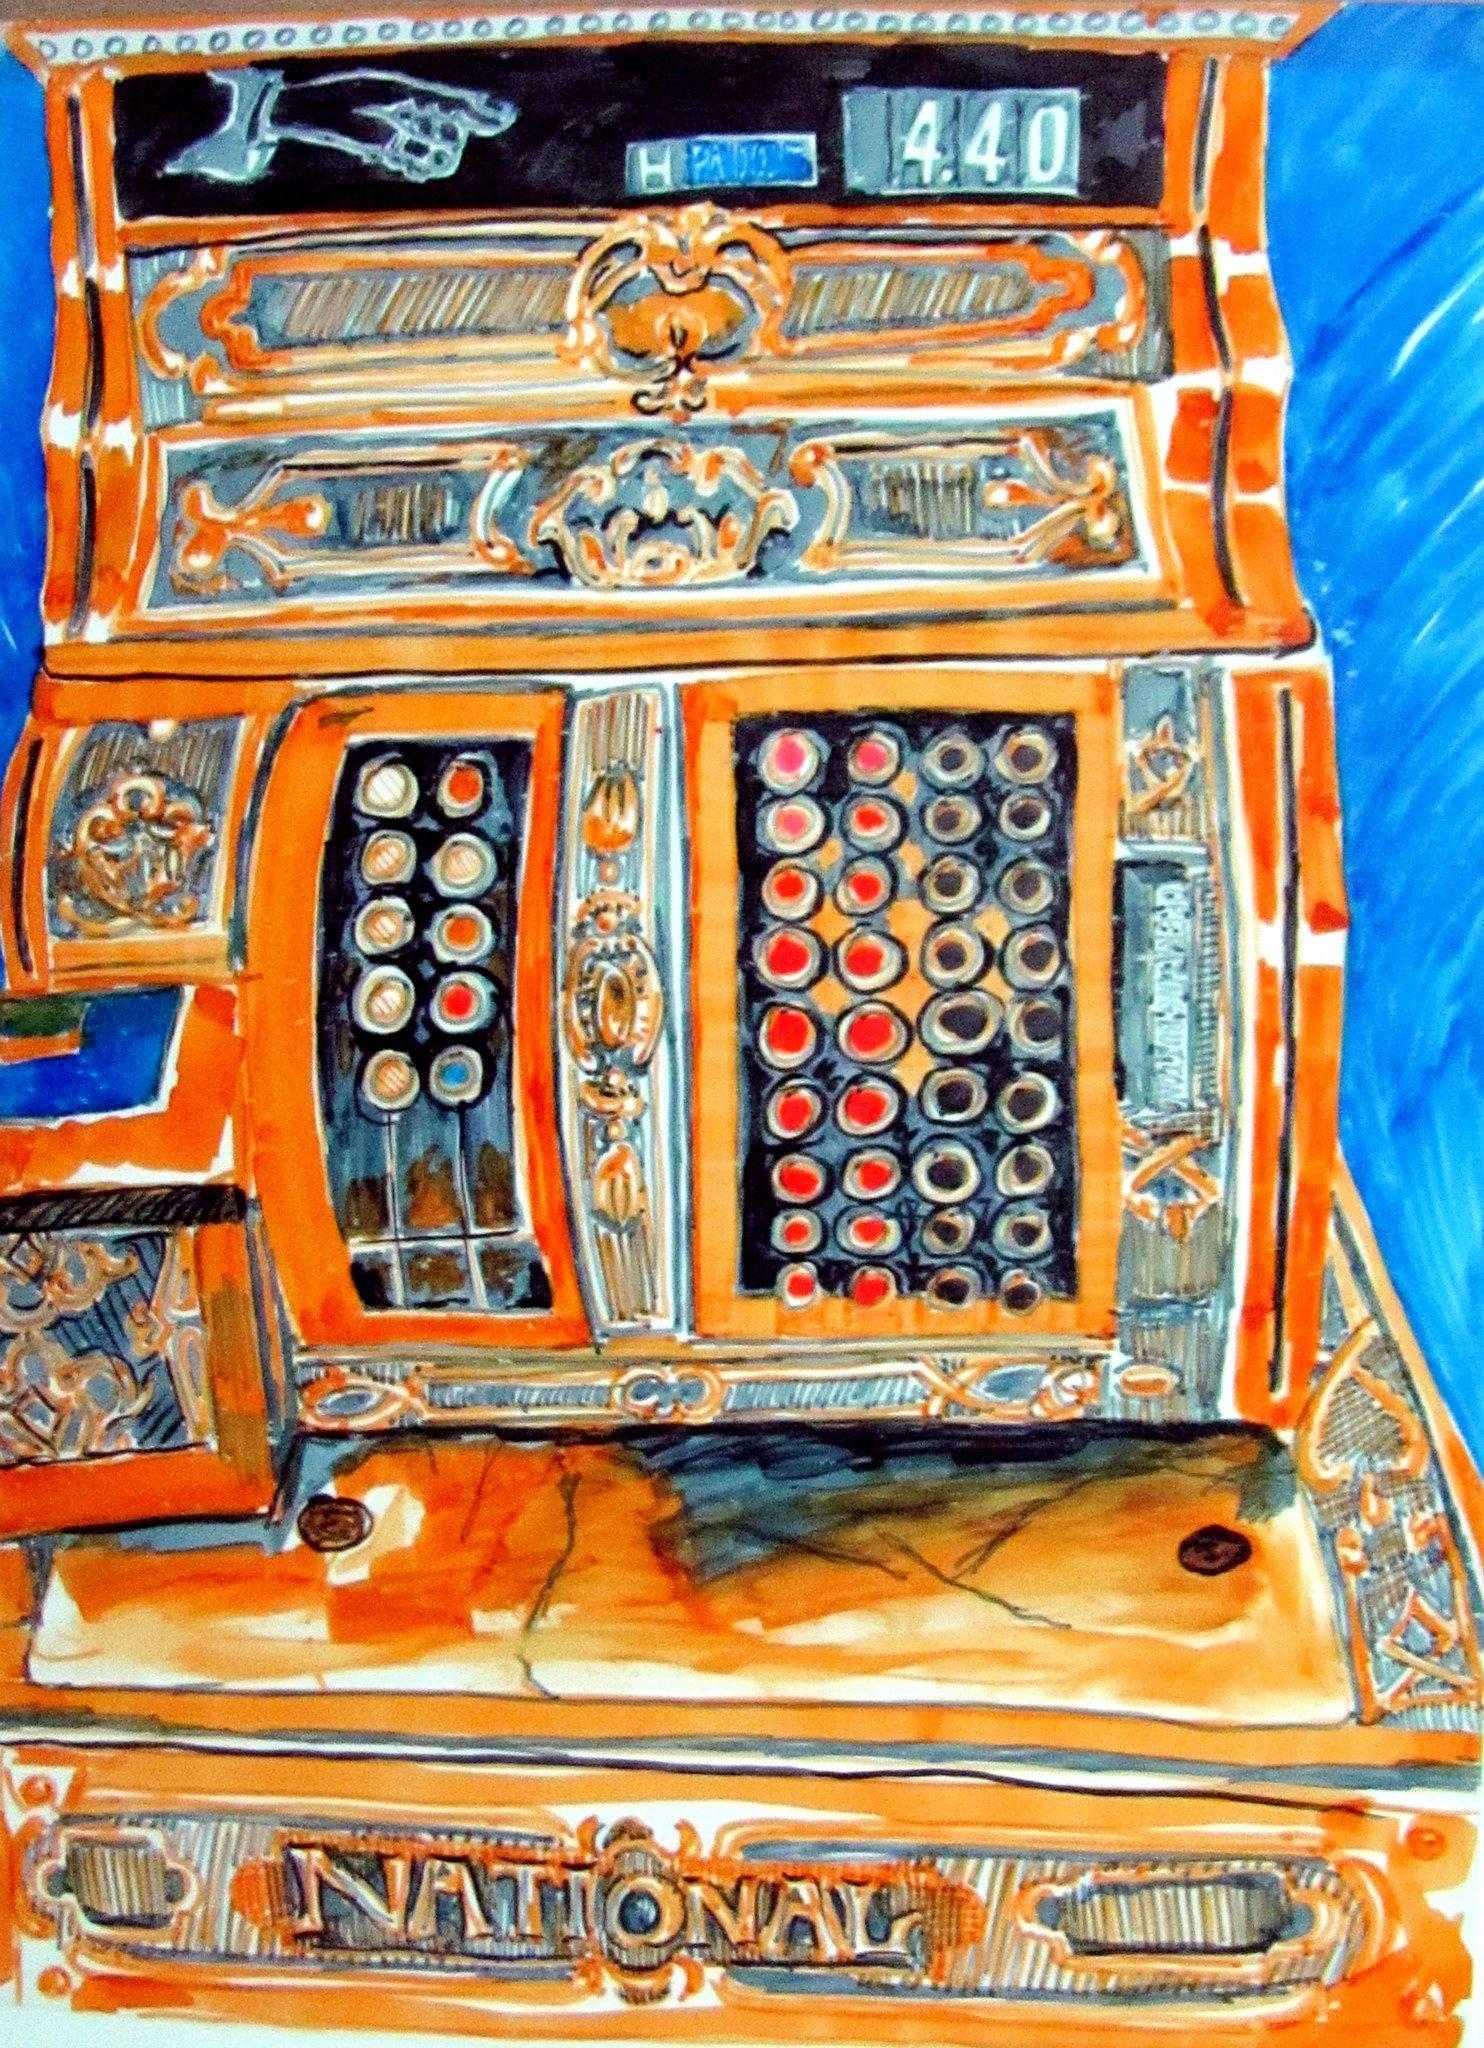 johnson's cash register